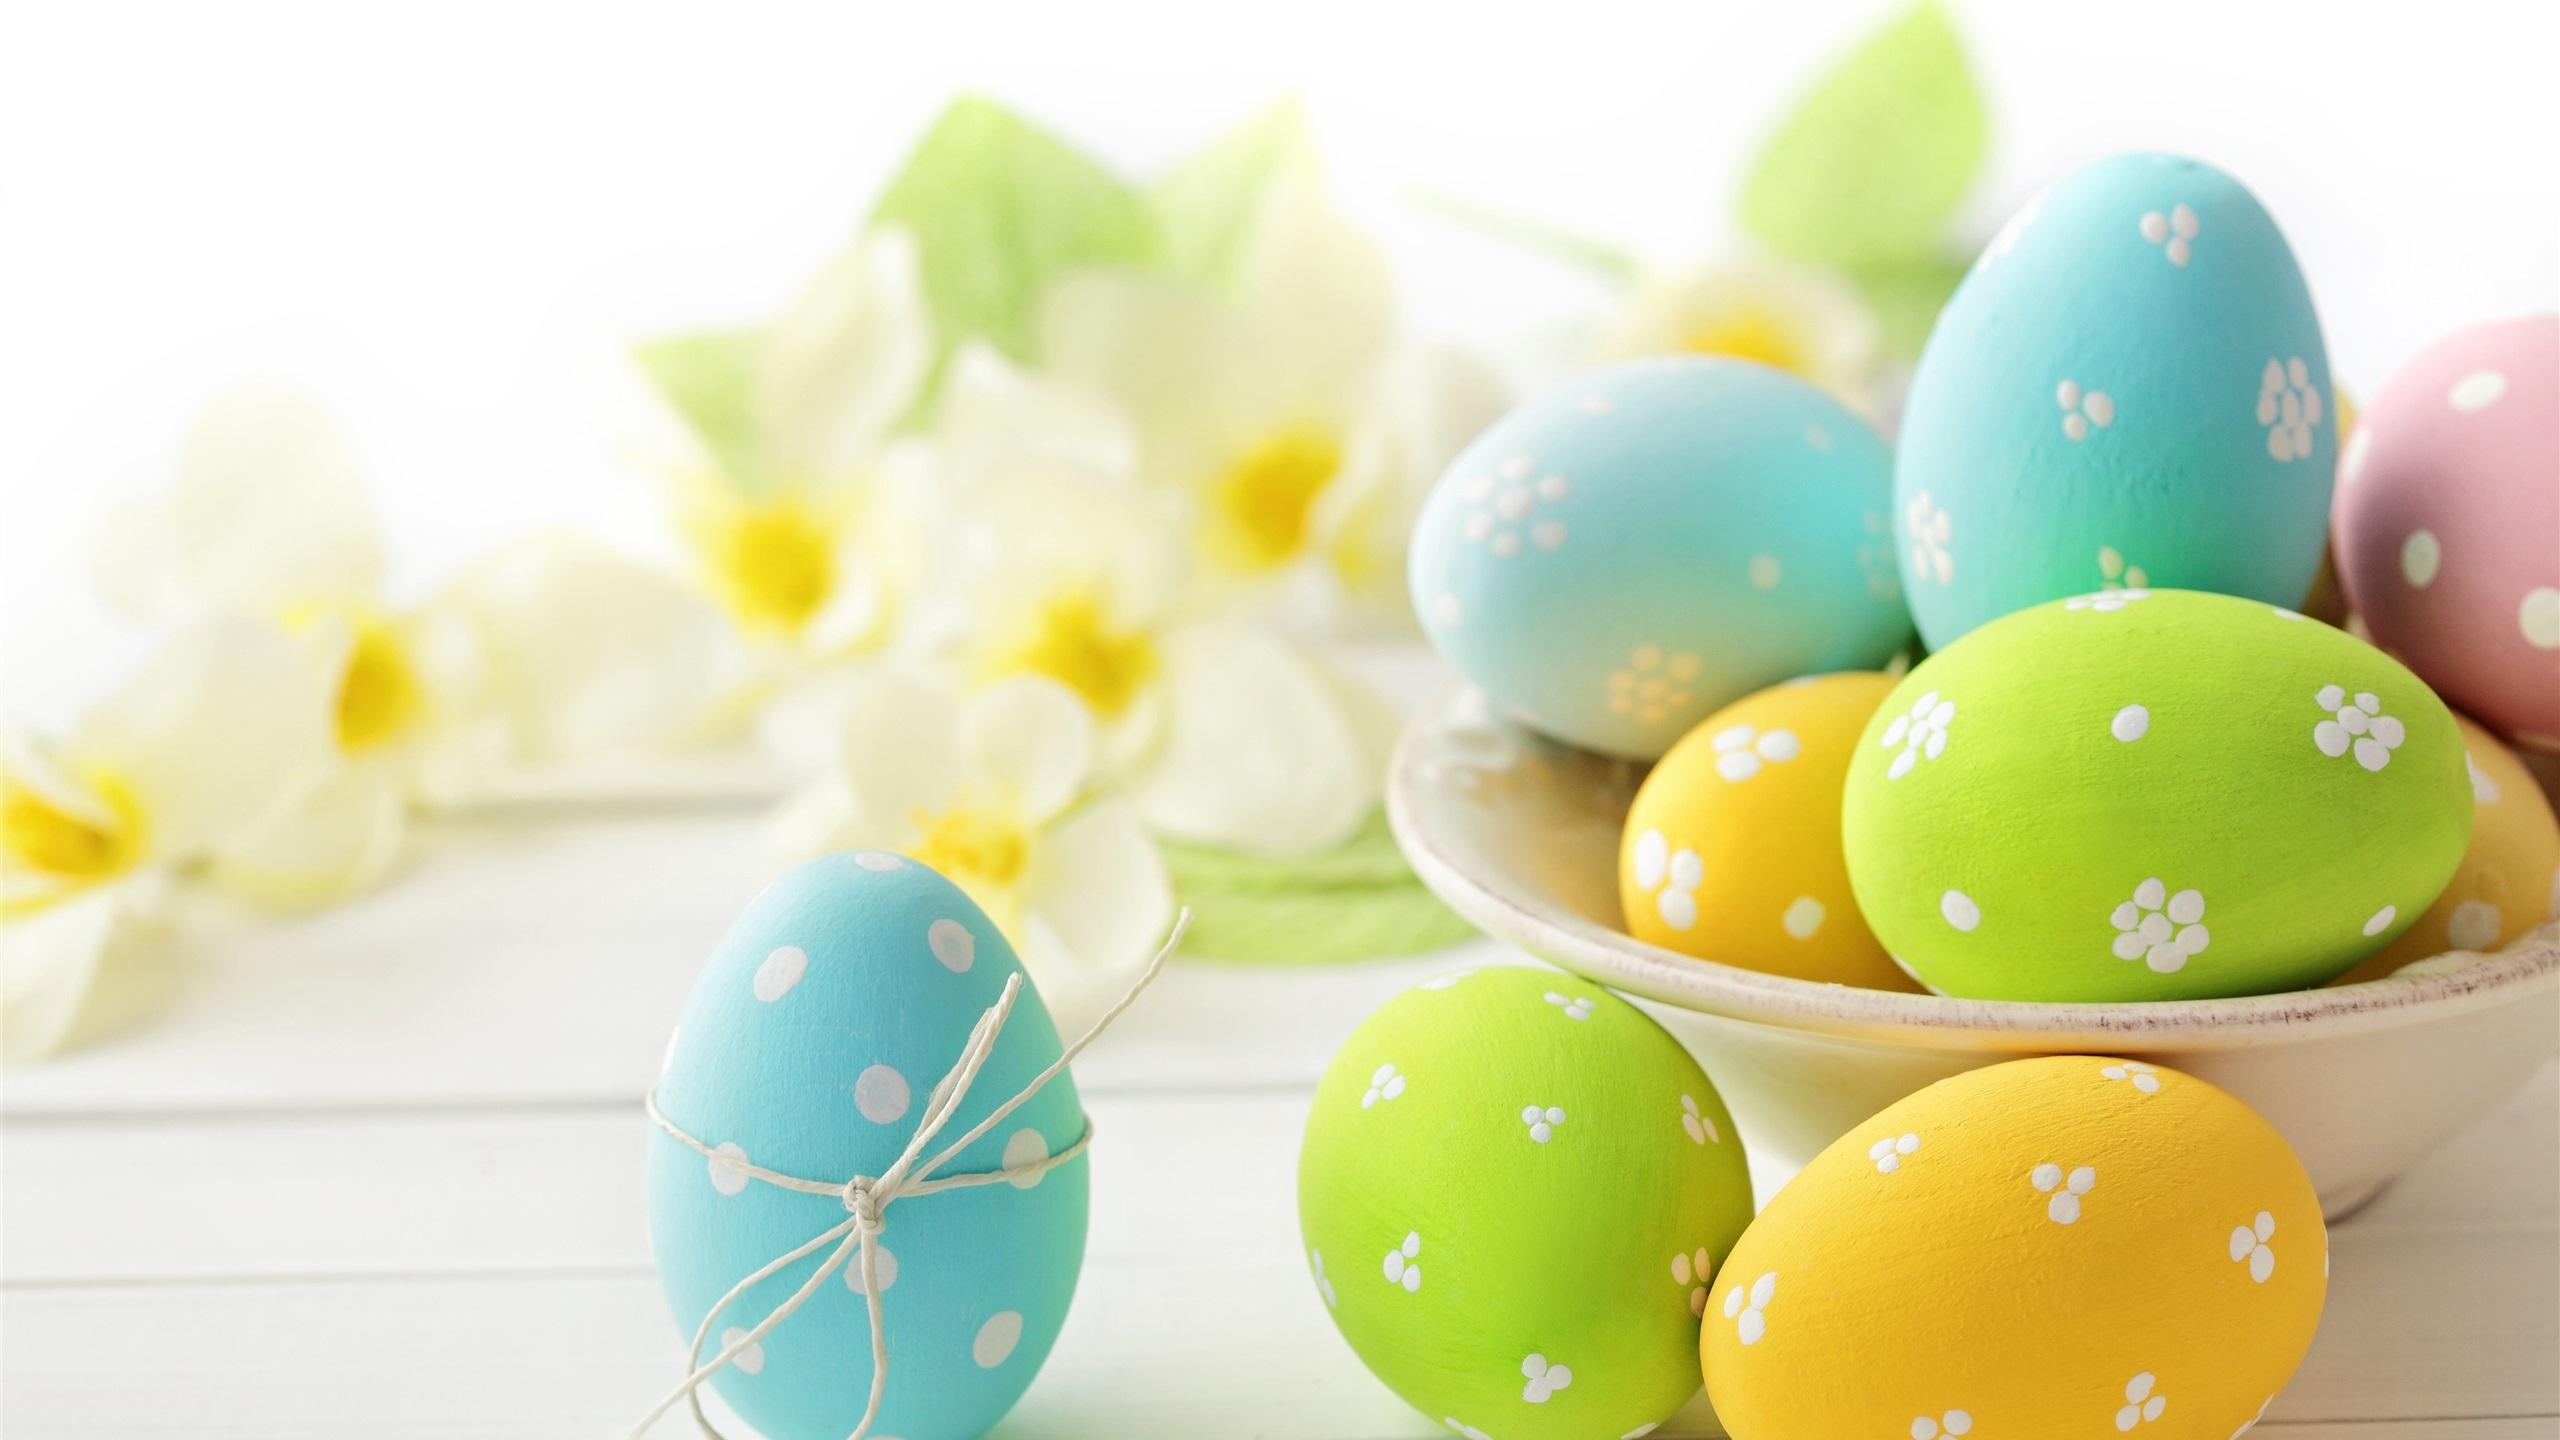 Fondos De Pantalla 1440x900 Tulipas Pascua Fondo De Color: Fondos De Pantalla Los Huevos, Pascua, Flores, Primavera